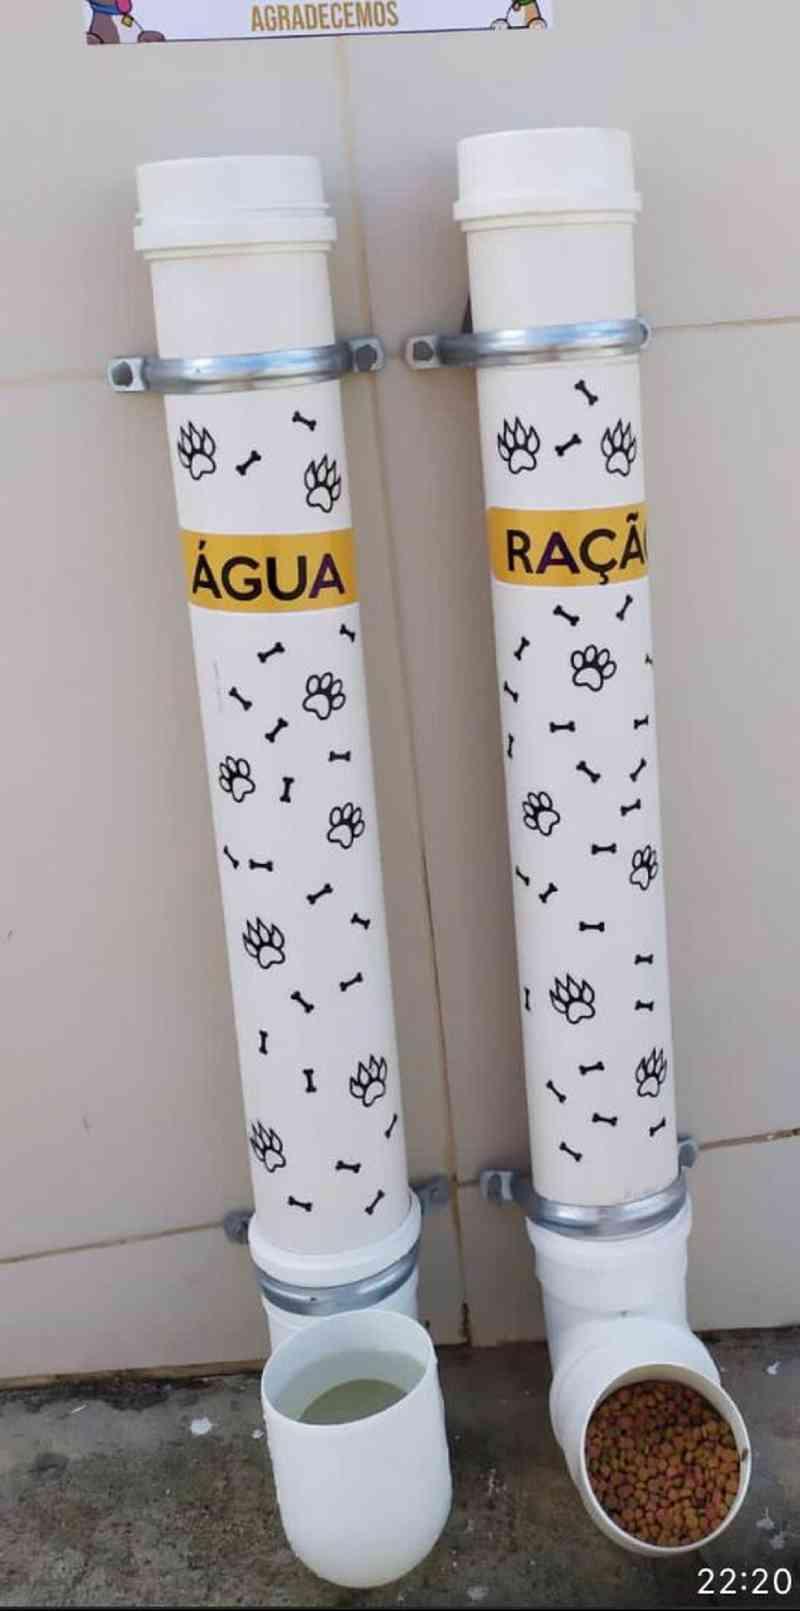 """""""Comedouro"""": a estrutura foi construída com dois canos de PVC, um com ração e outro com água, para que cães e gatos possam se alimentar ao passar pela rua. — Foto: Arquivo Pessoal"""